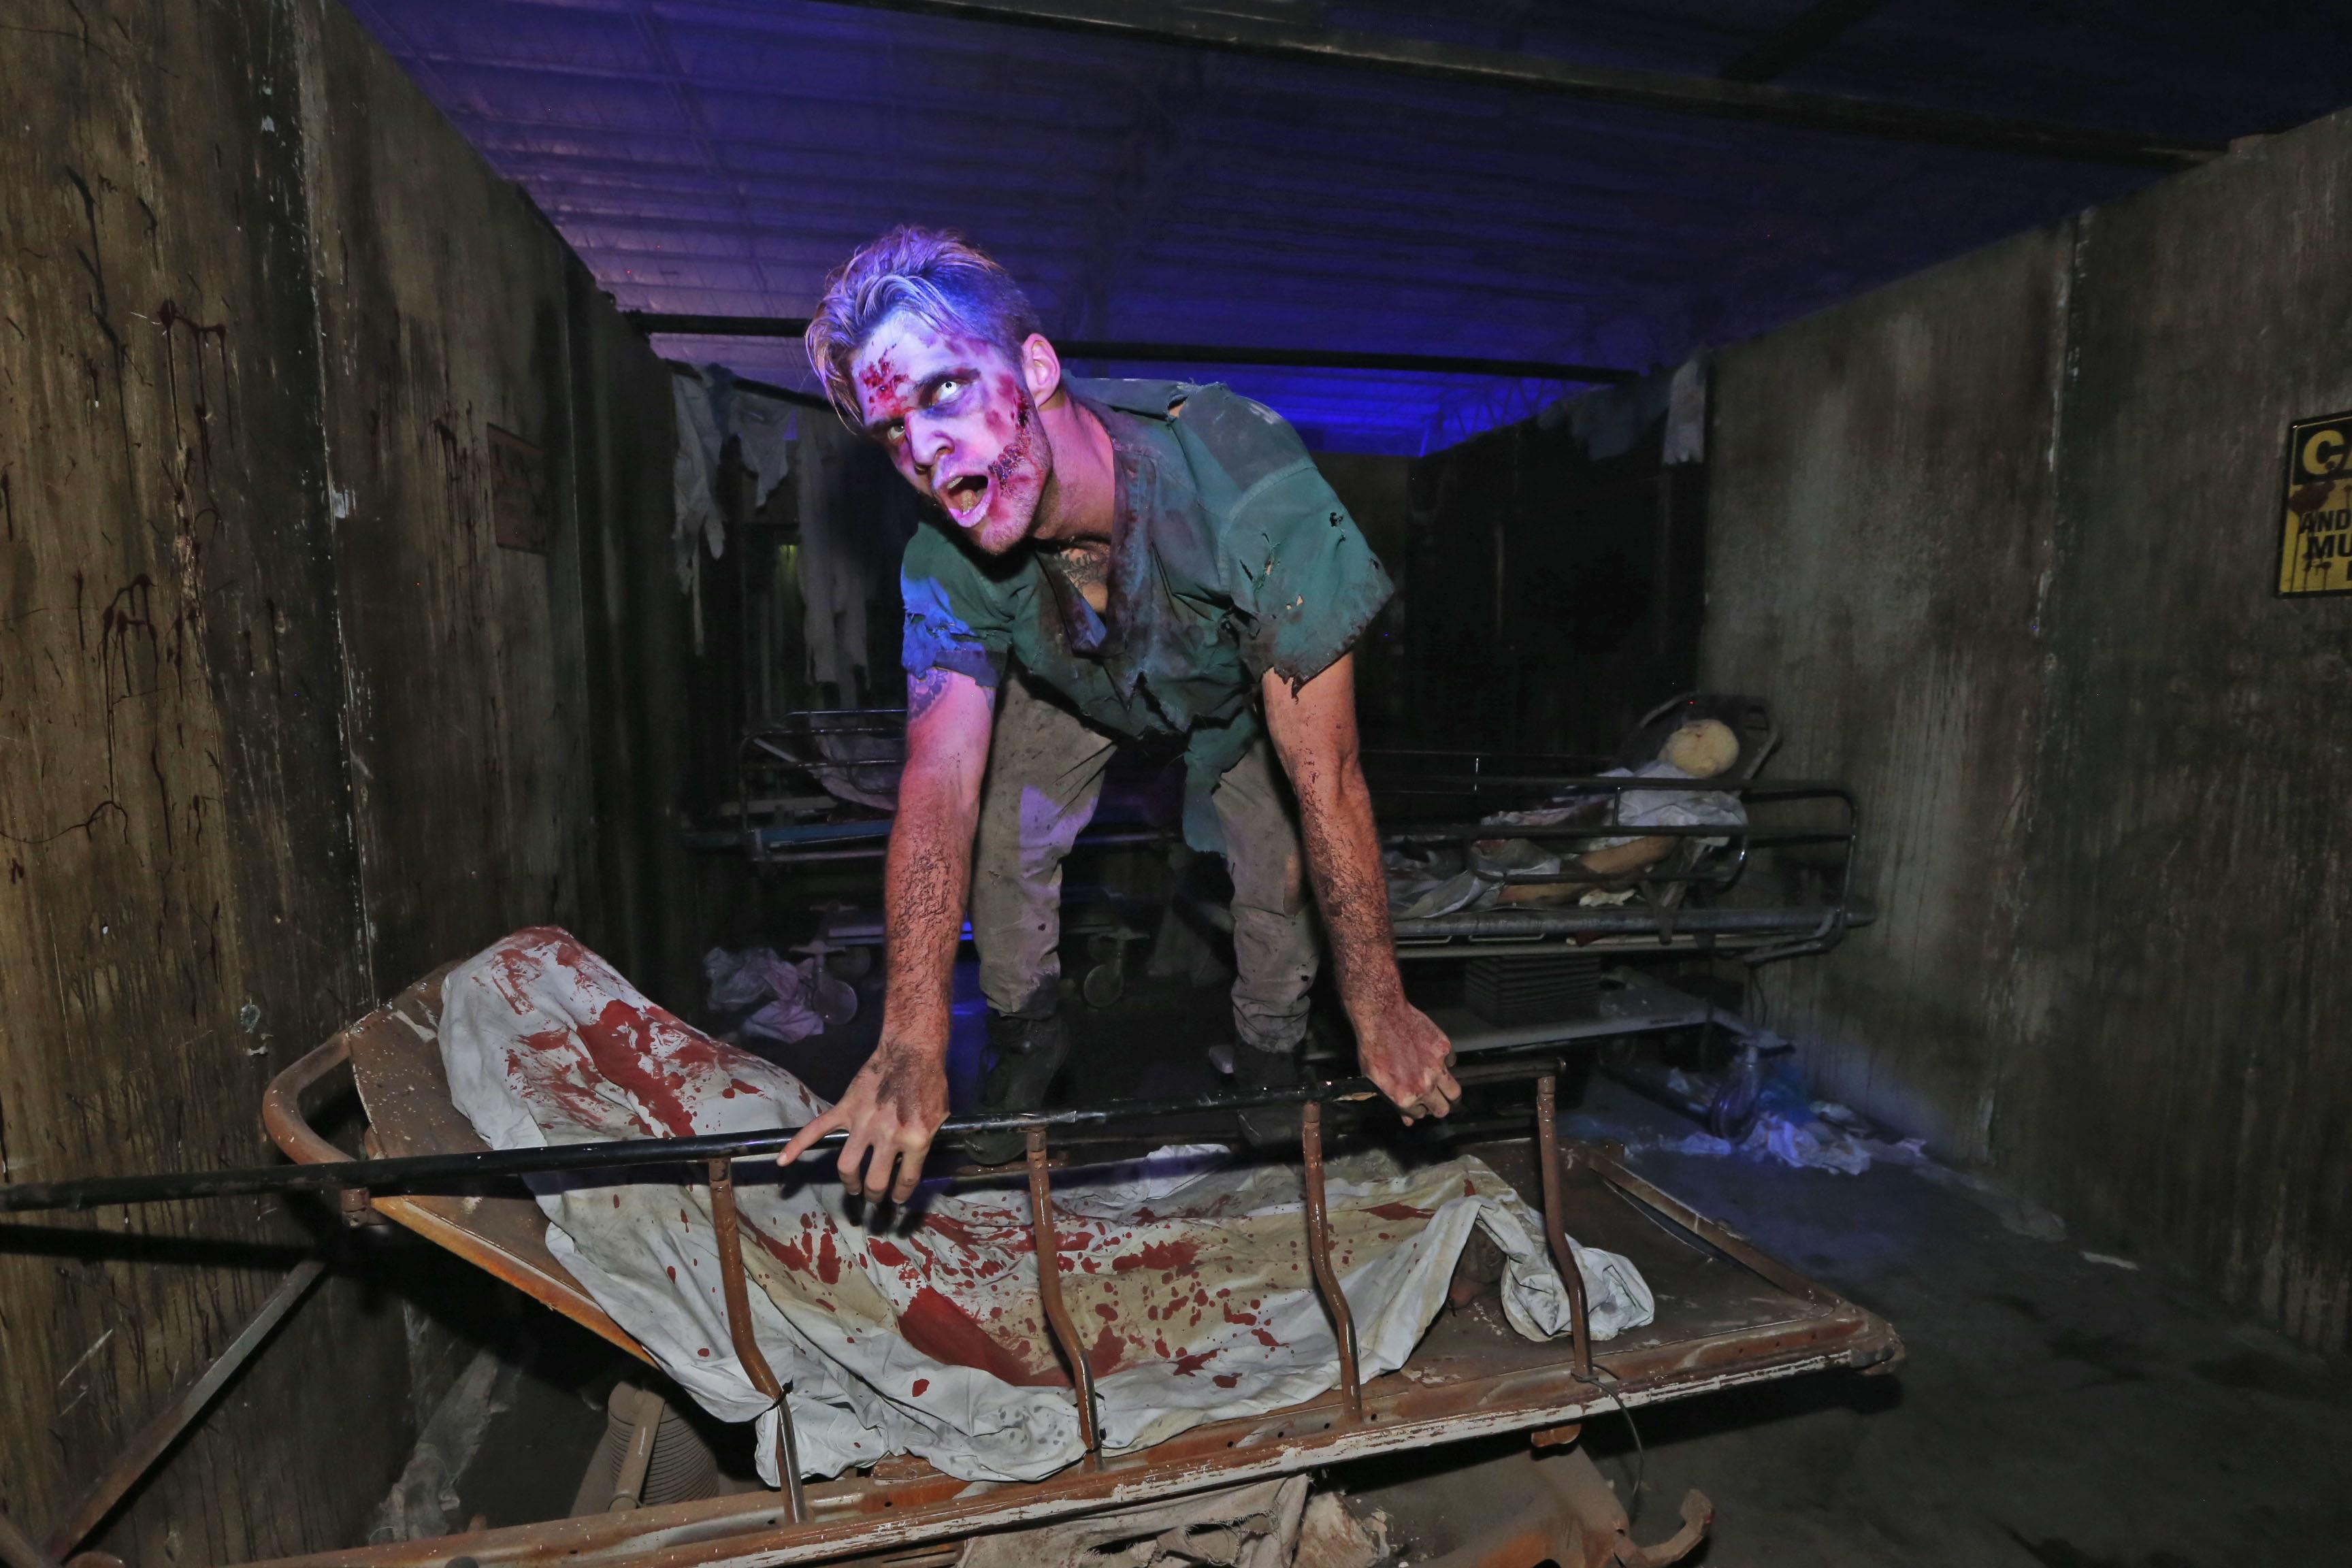 Zombies jump out at guests at Frightworld in Tonawanda. (Robert Kirkham/Buffalo News)